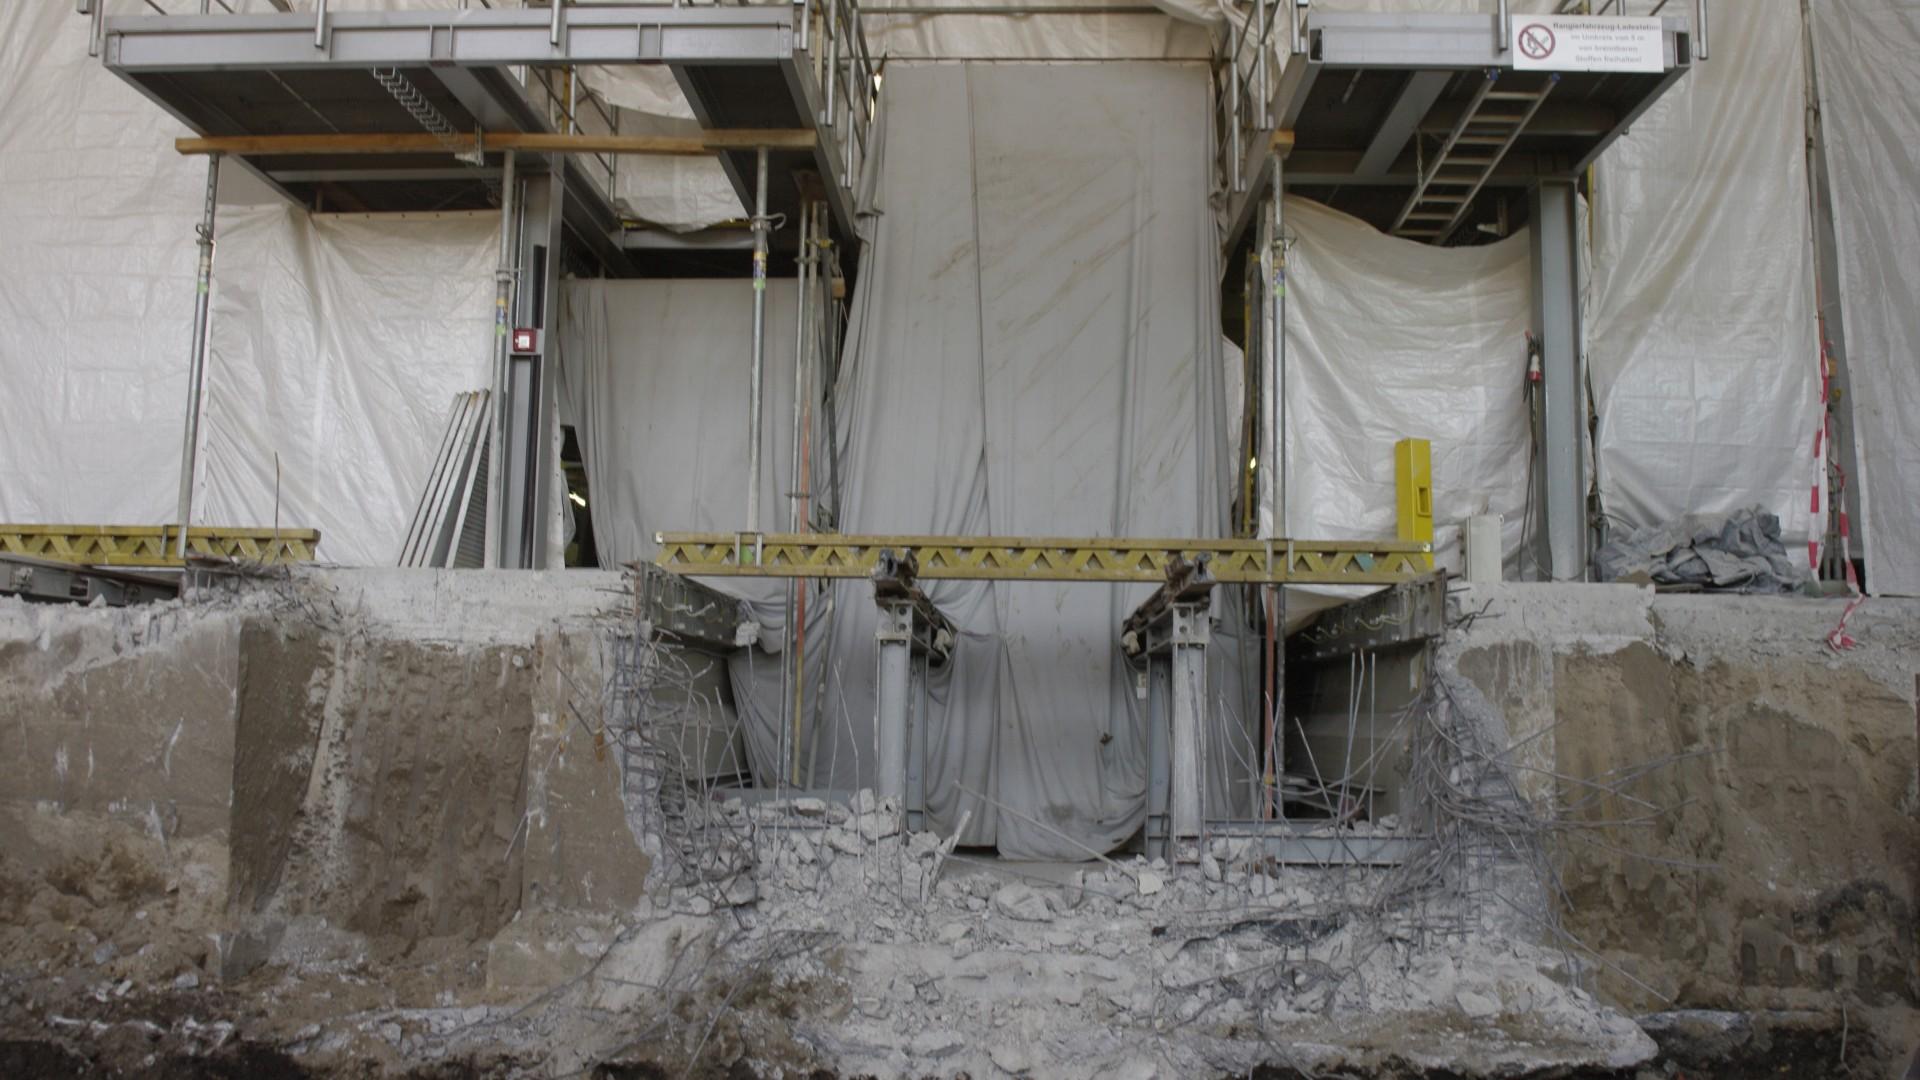 Werkstatt Tram ausgehobene Baugrube für die zukünftige Arbeitsgrube, © Dirk Schwarzer